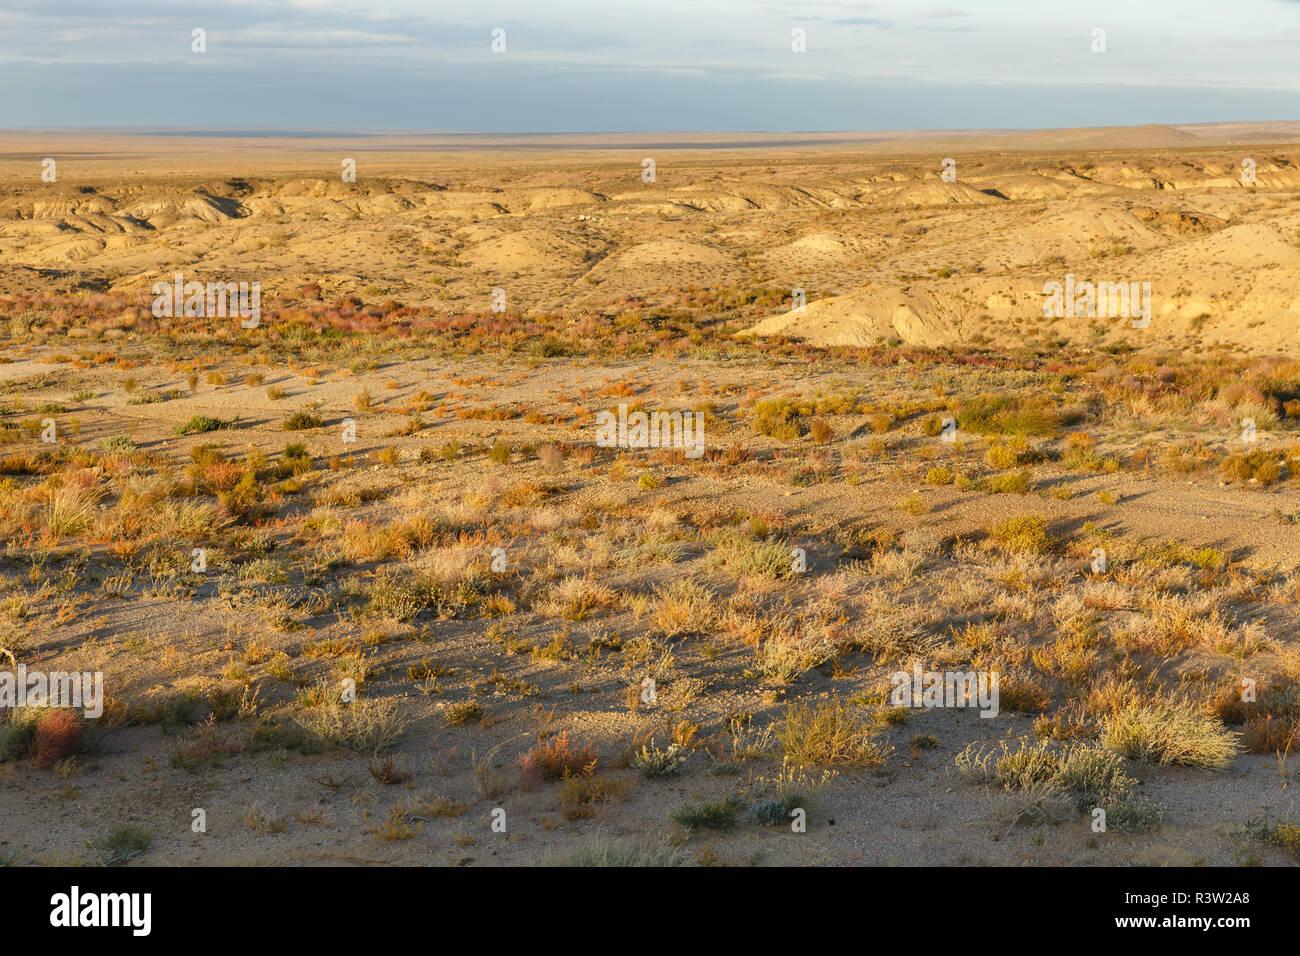 gobi desert mongolia - Stock Image